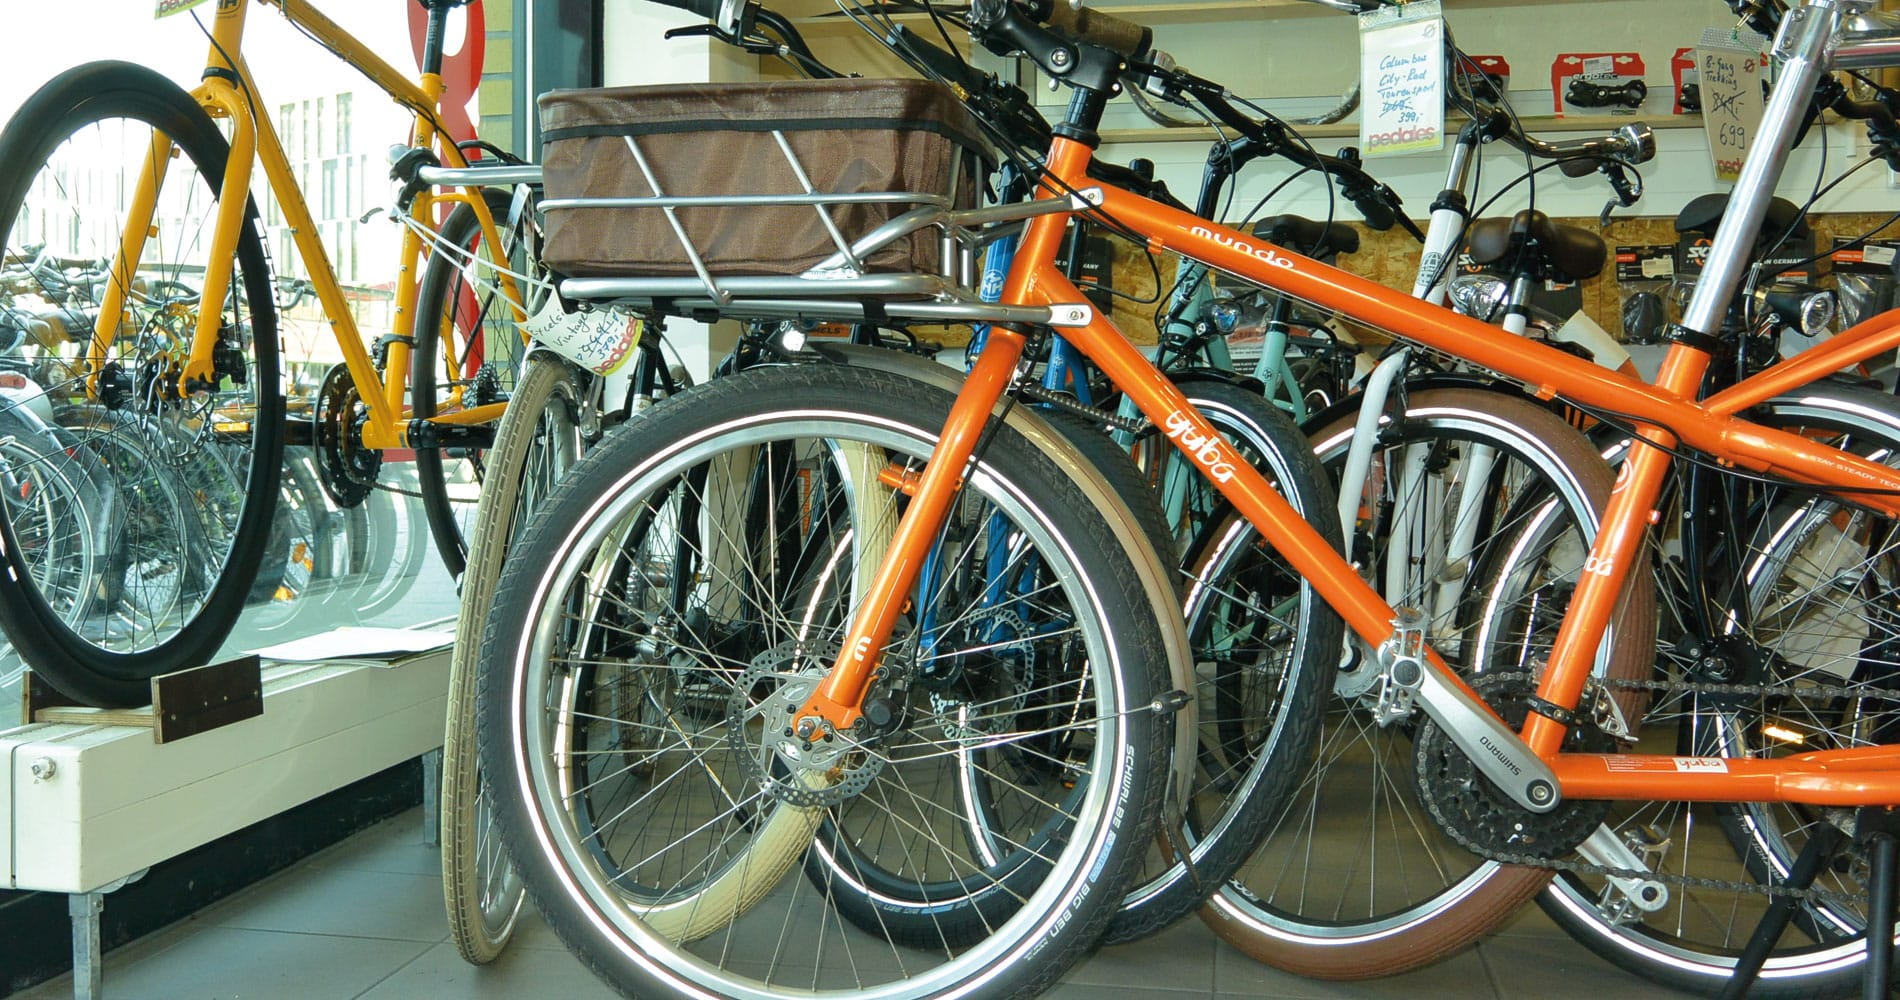 Verkauf, Lastenrad, Fahrrad, Werkstatt, Laden, Reparatur, Verleih, Potsdam Hauptbahnhof